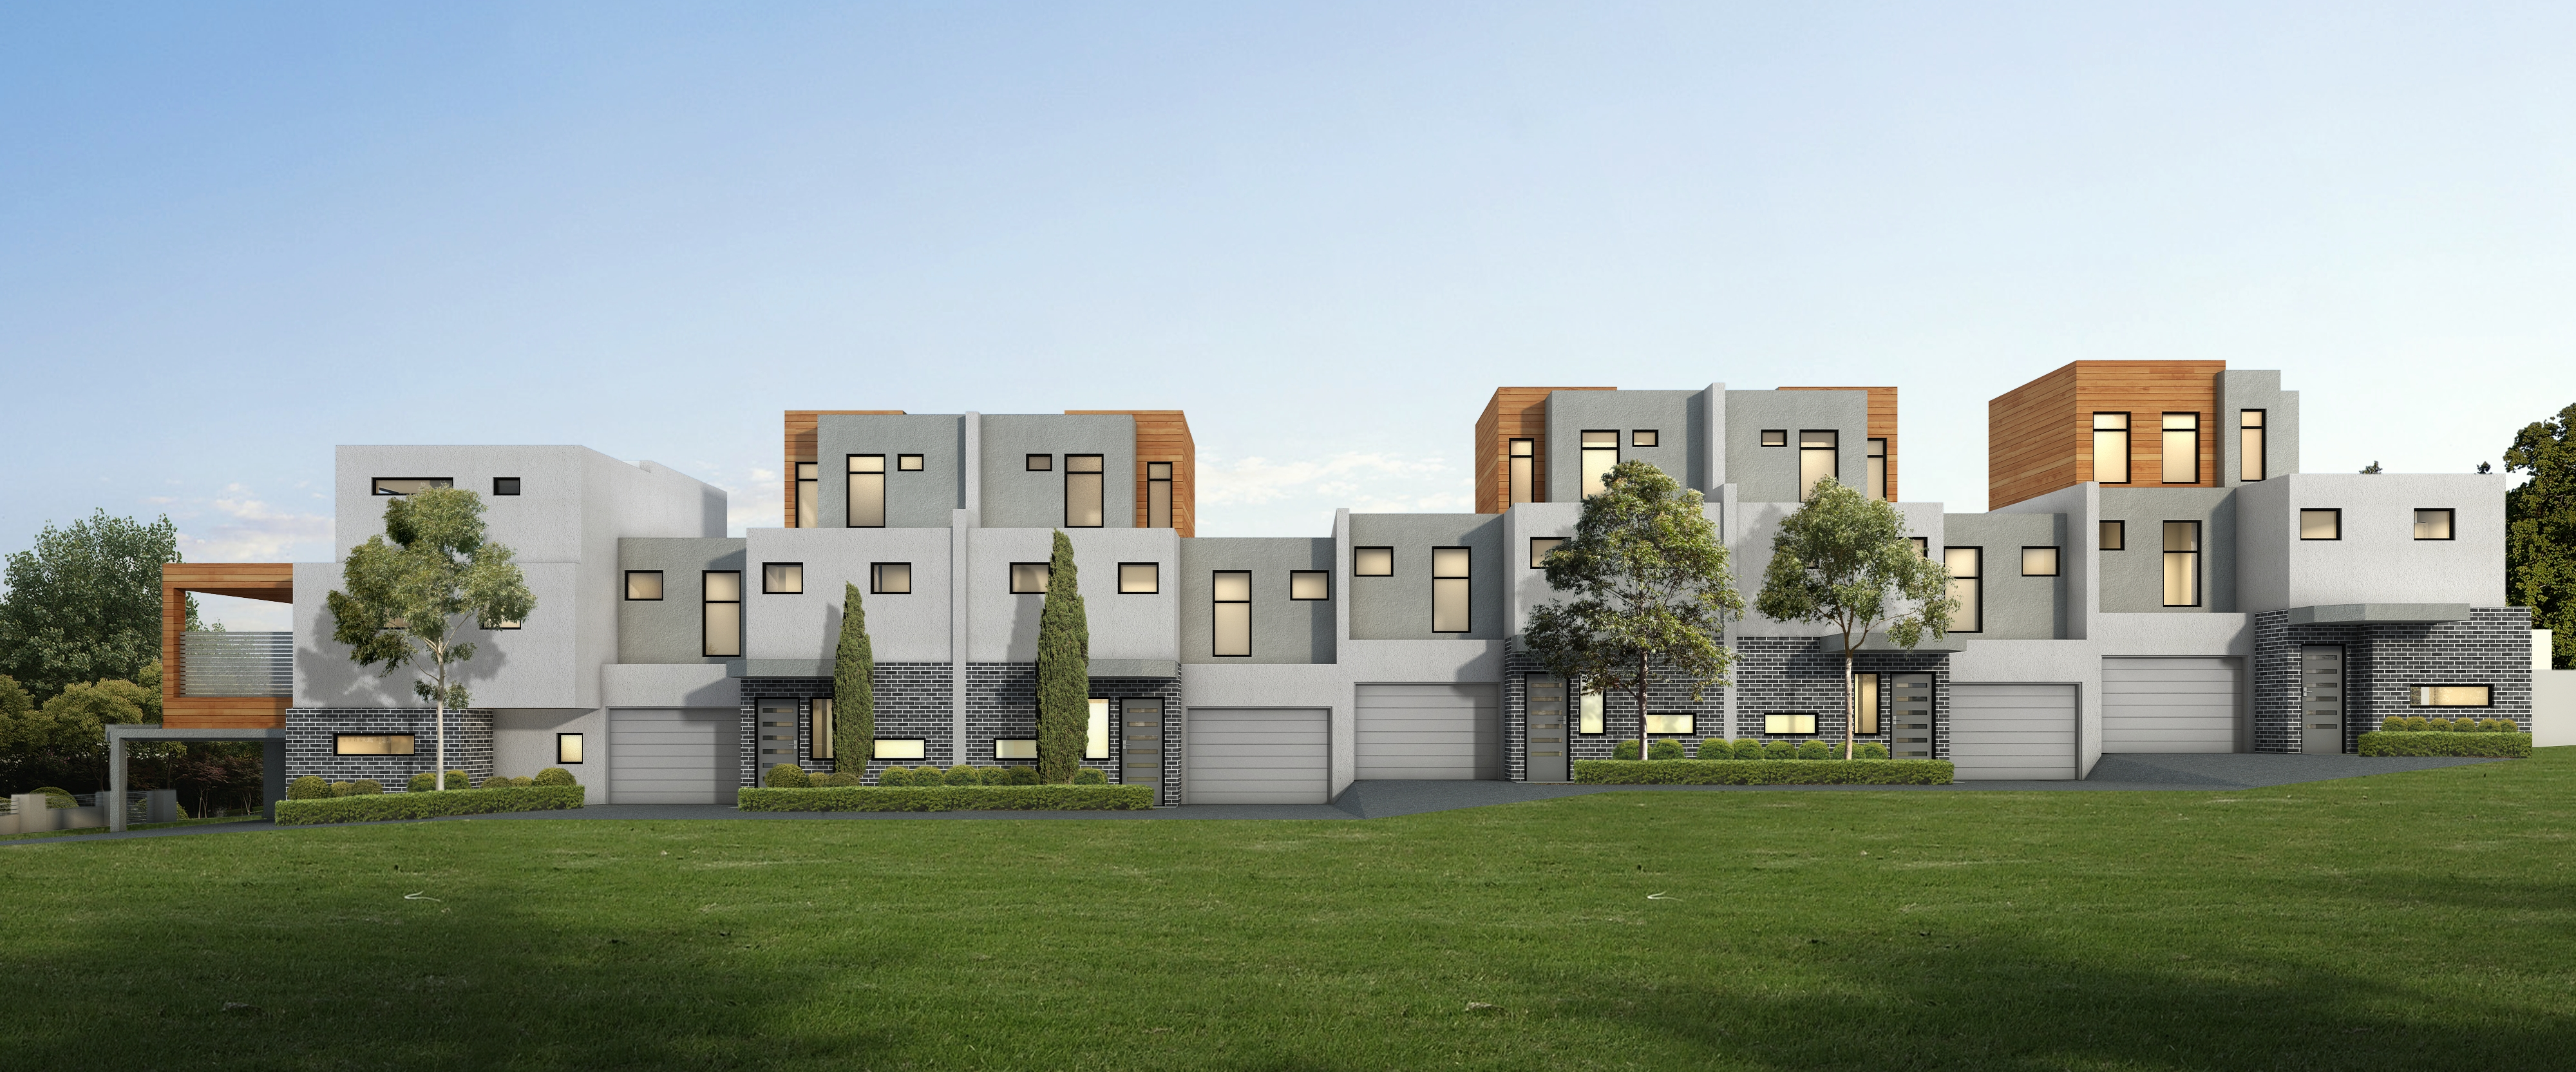 Terrance Houses